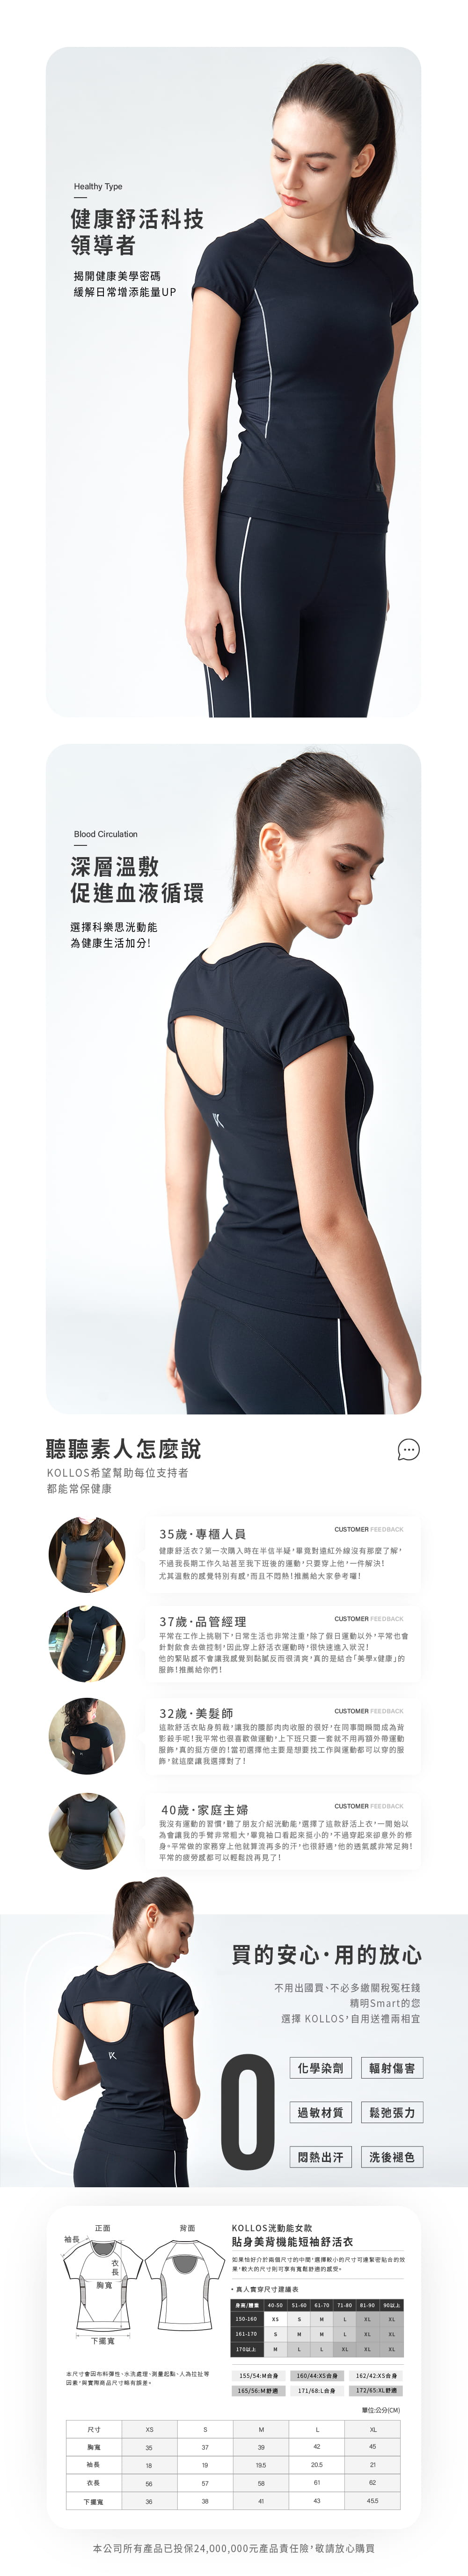 【KOLLOS科樂思】 【洸動能貼身美背機能短袖舒活衣 遠紅外線】 靜謐黑 6